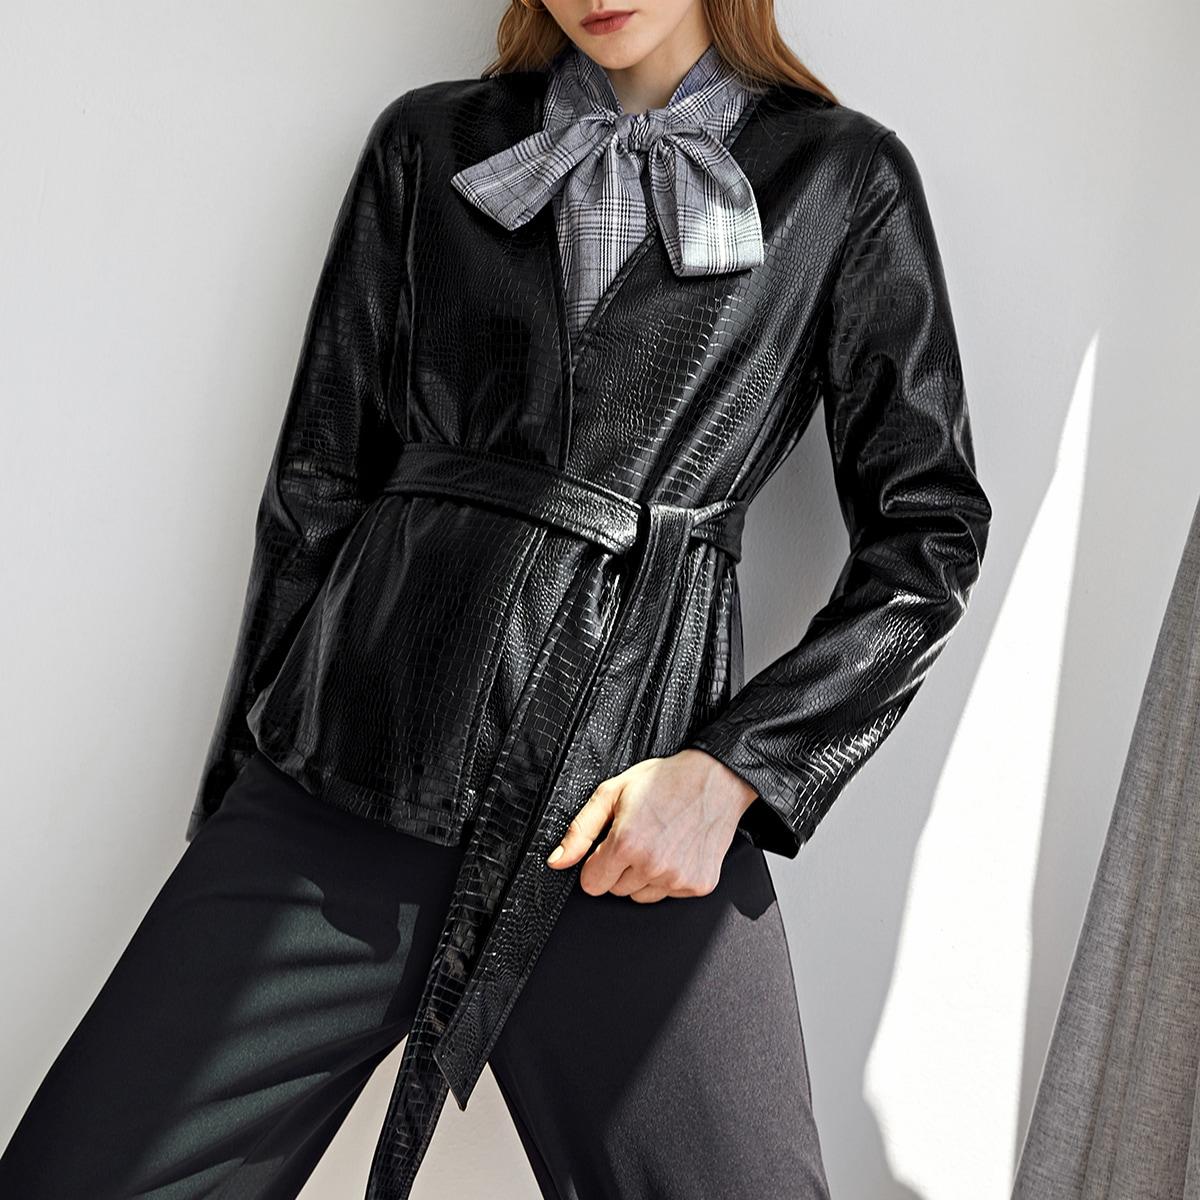 SHEIN / PU Leder Blazer mit Krokodil Muster und Gürtel